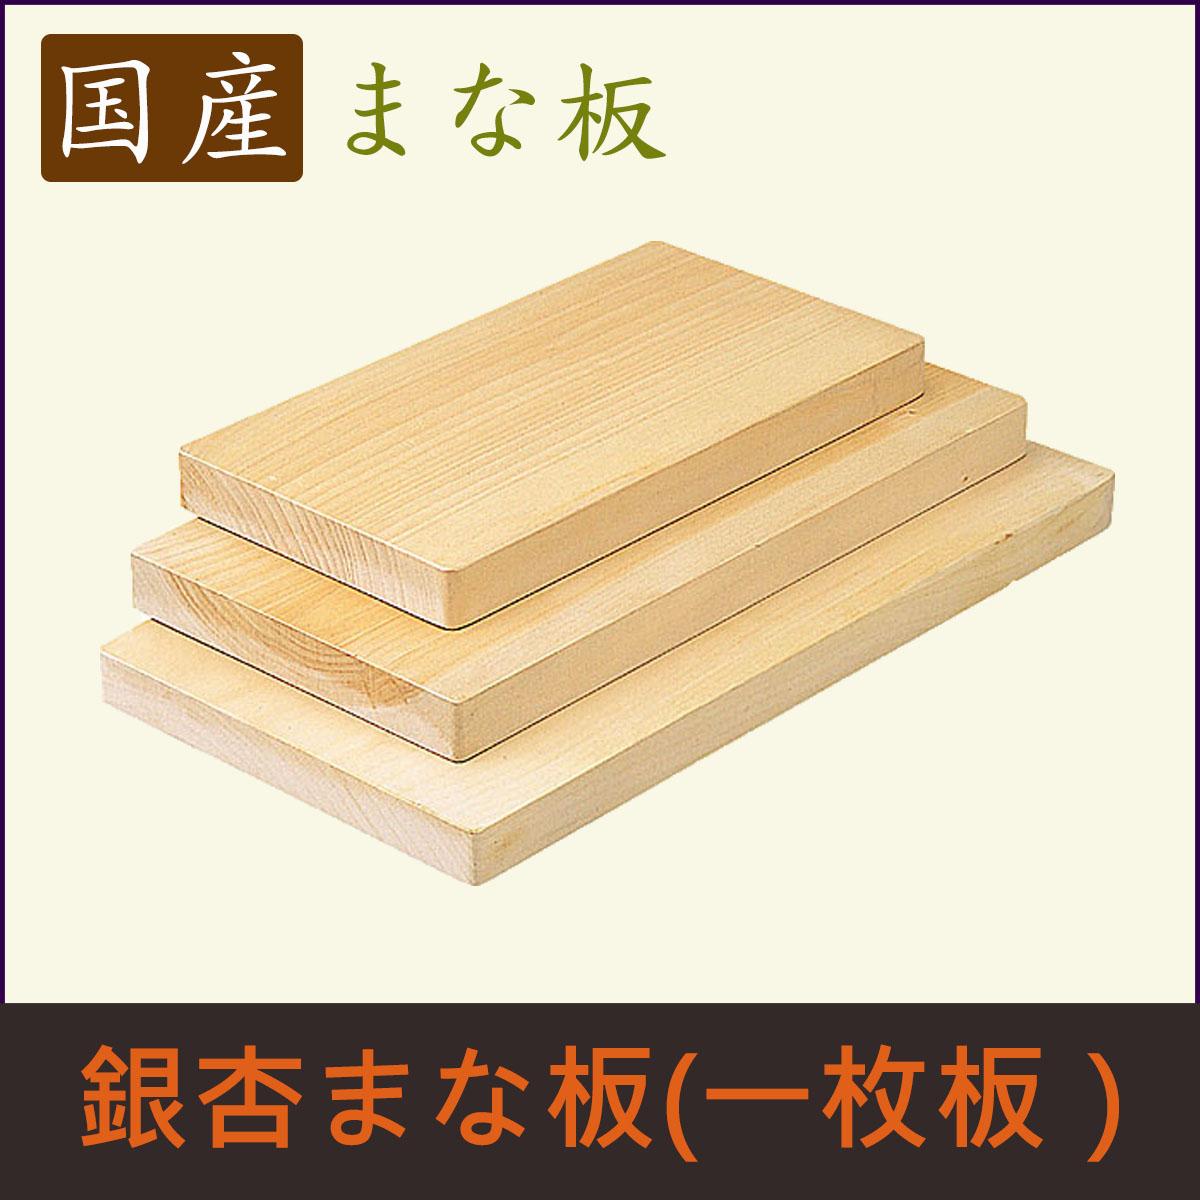 【送料無料】 まな板 国産 銀杏まな板 一枚板  約45x27xH3cm